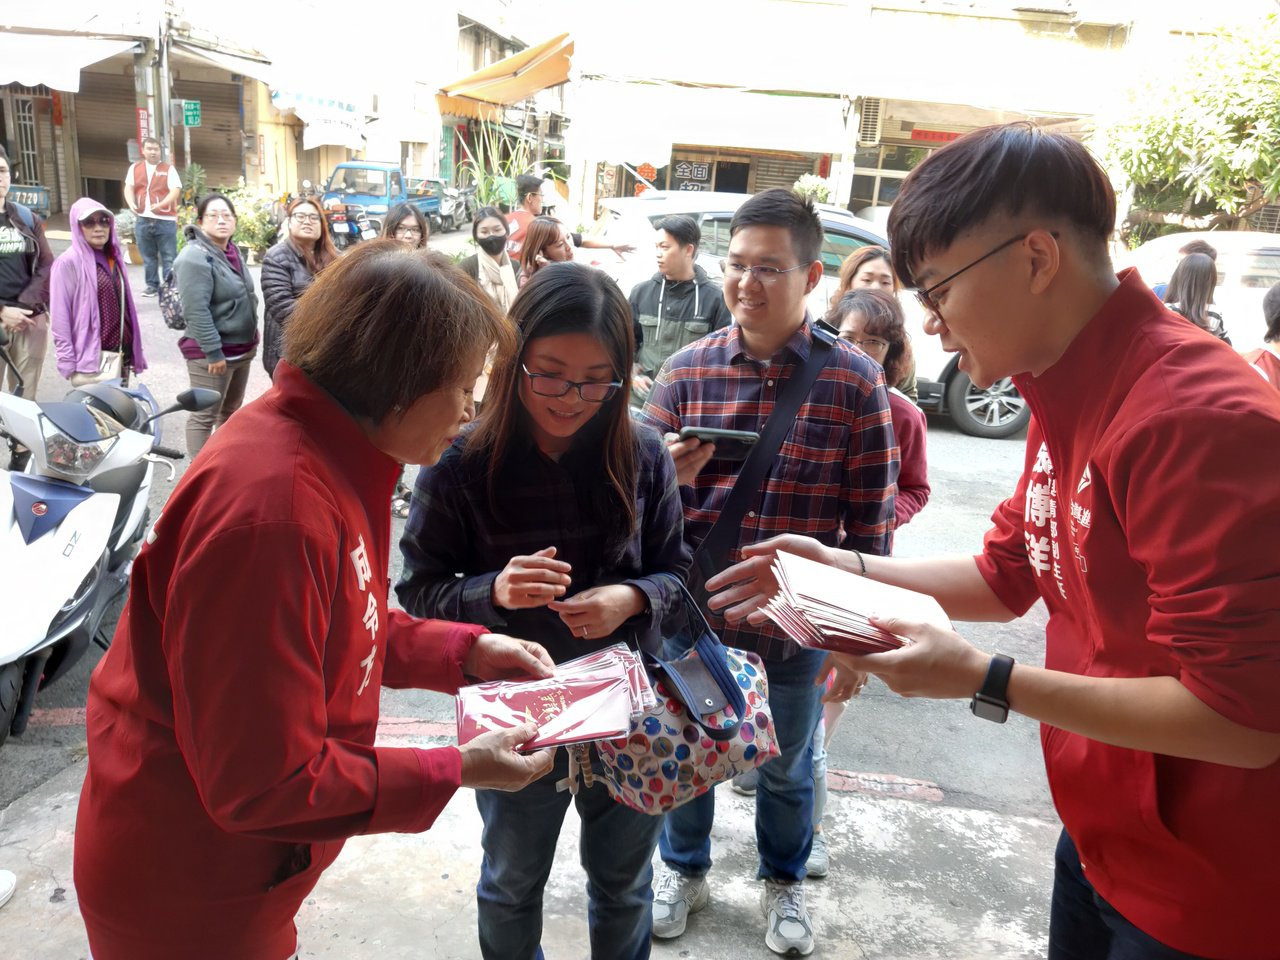 台灣基進發送「台派紅包」 籲民眾過年幫拉好友簽罷韓連署